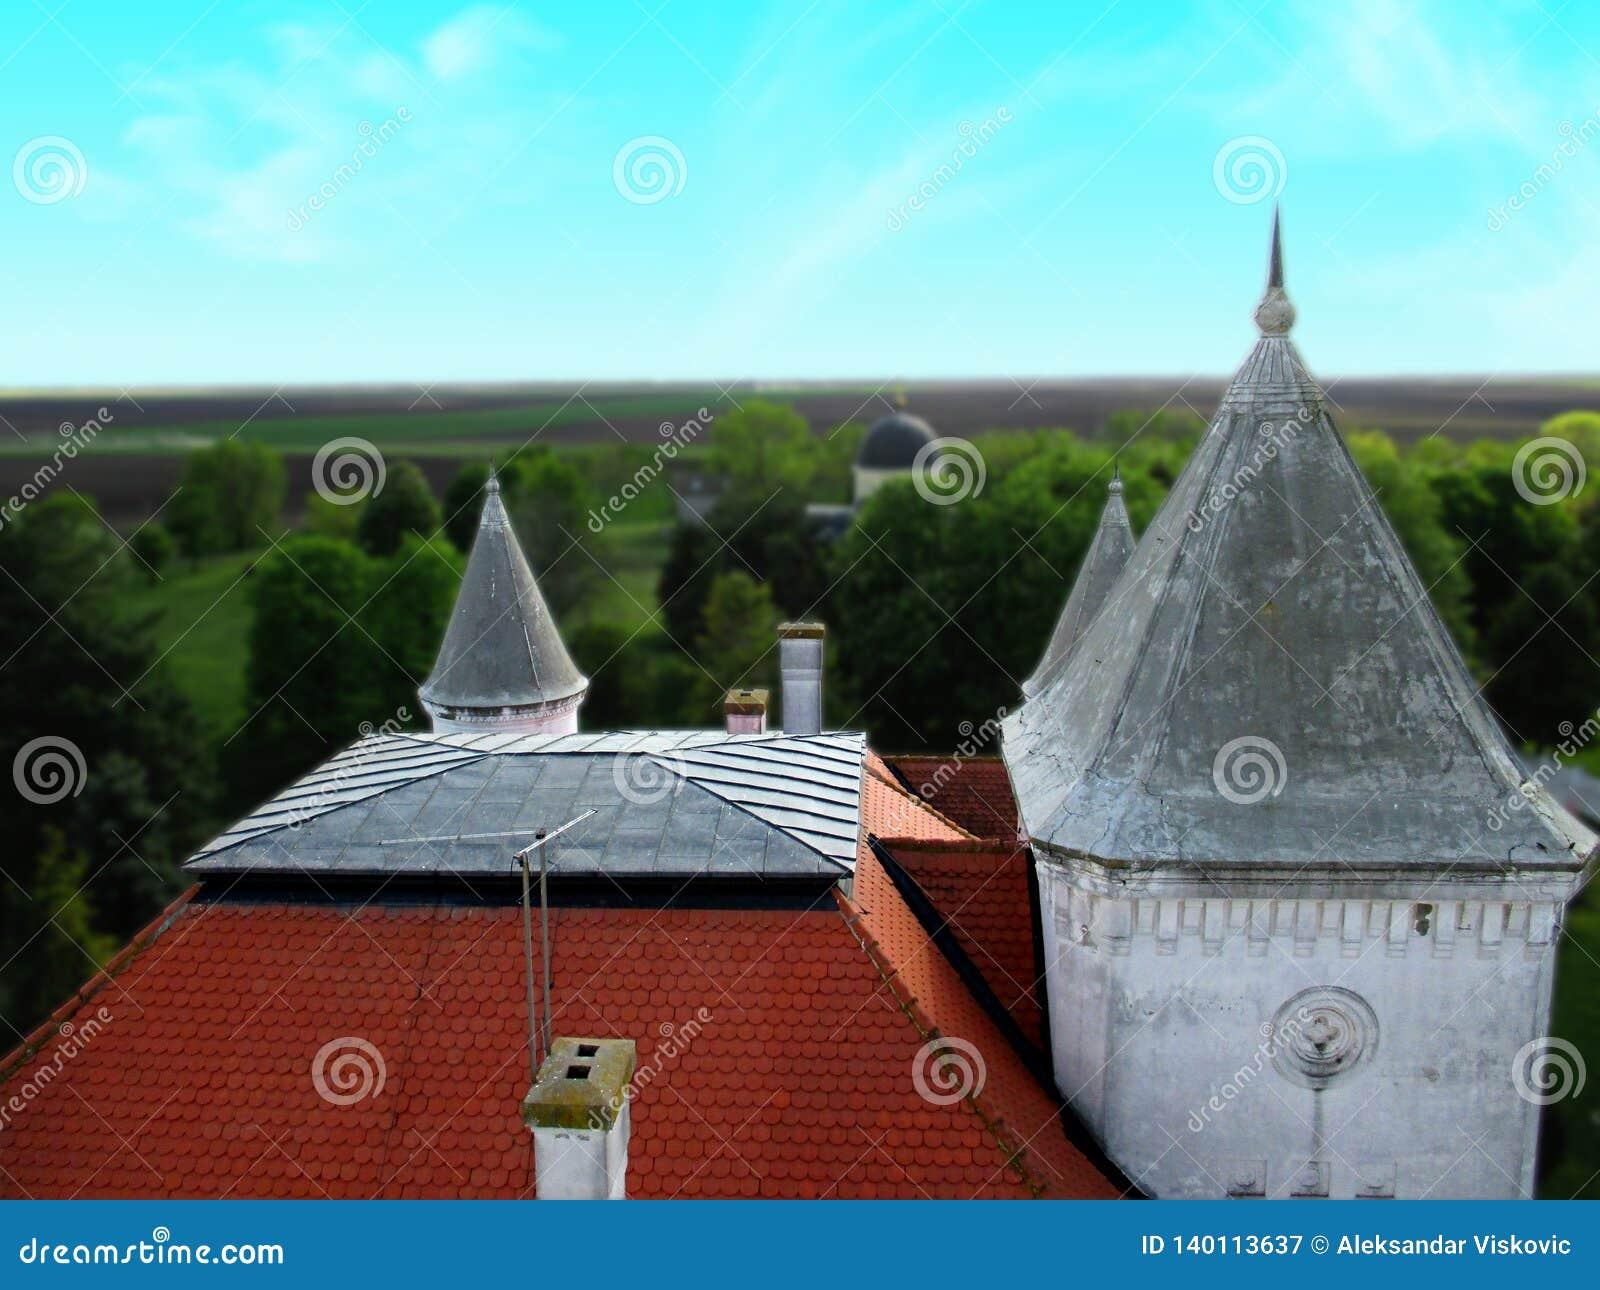 Castle Fantast in Serbia